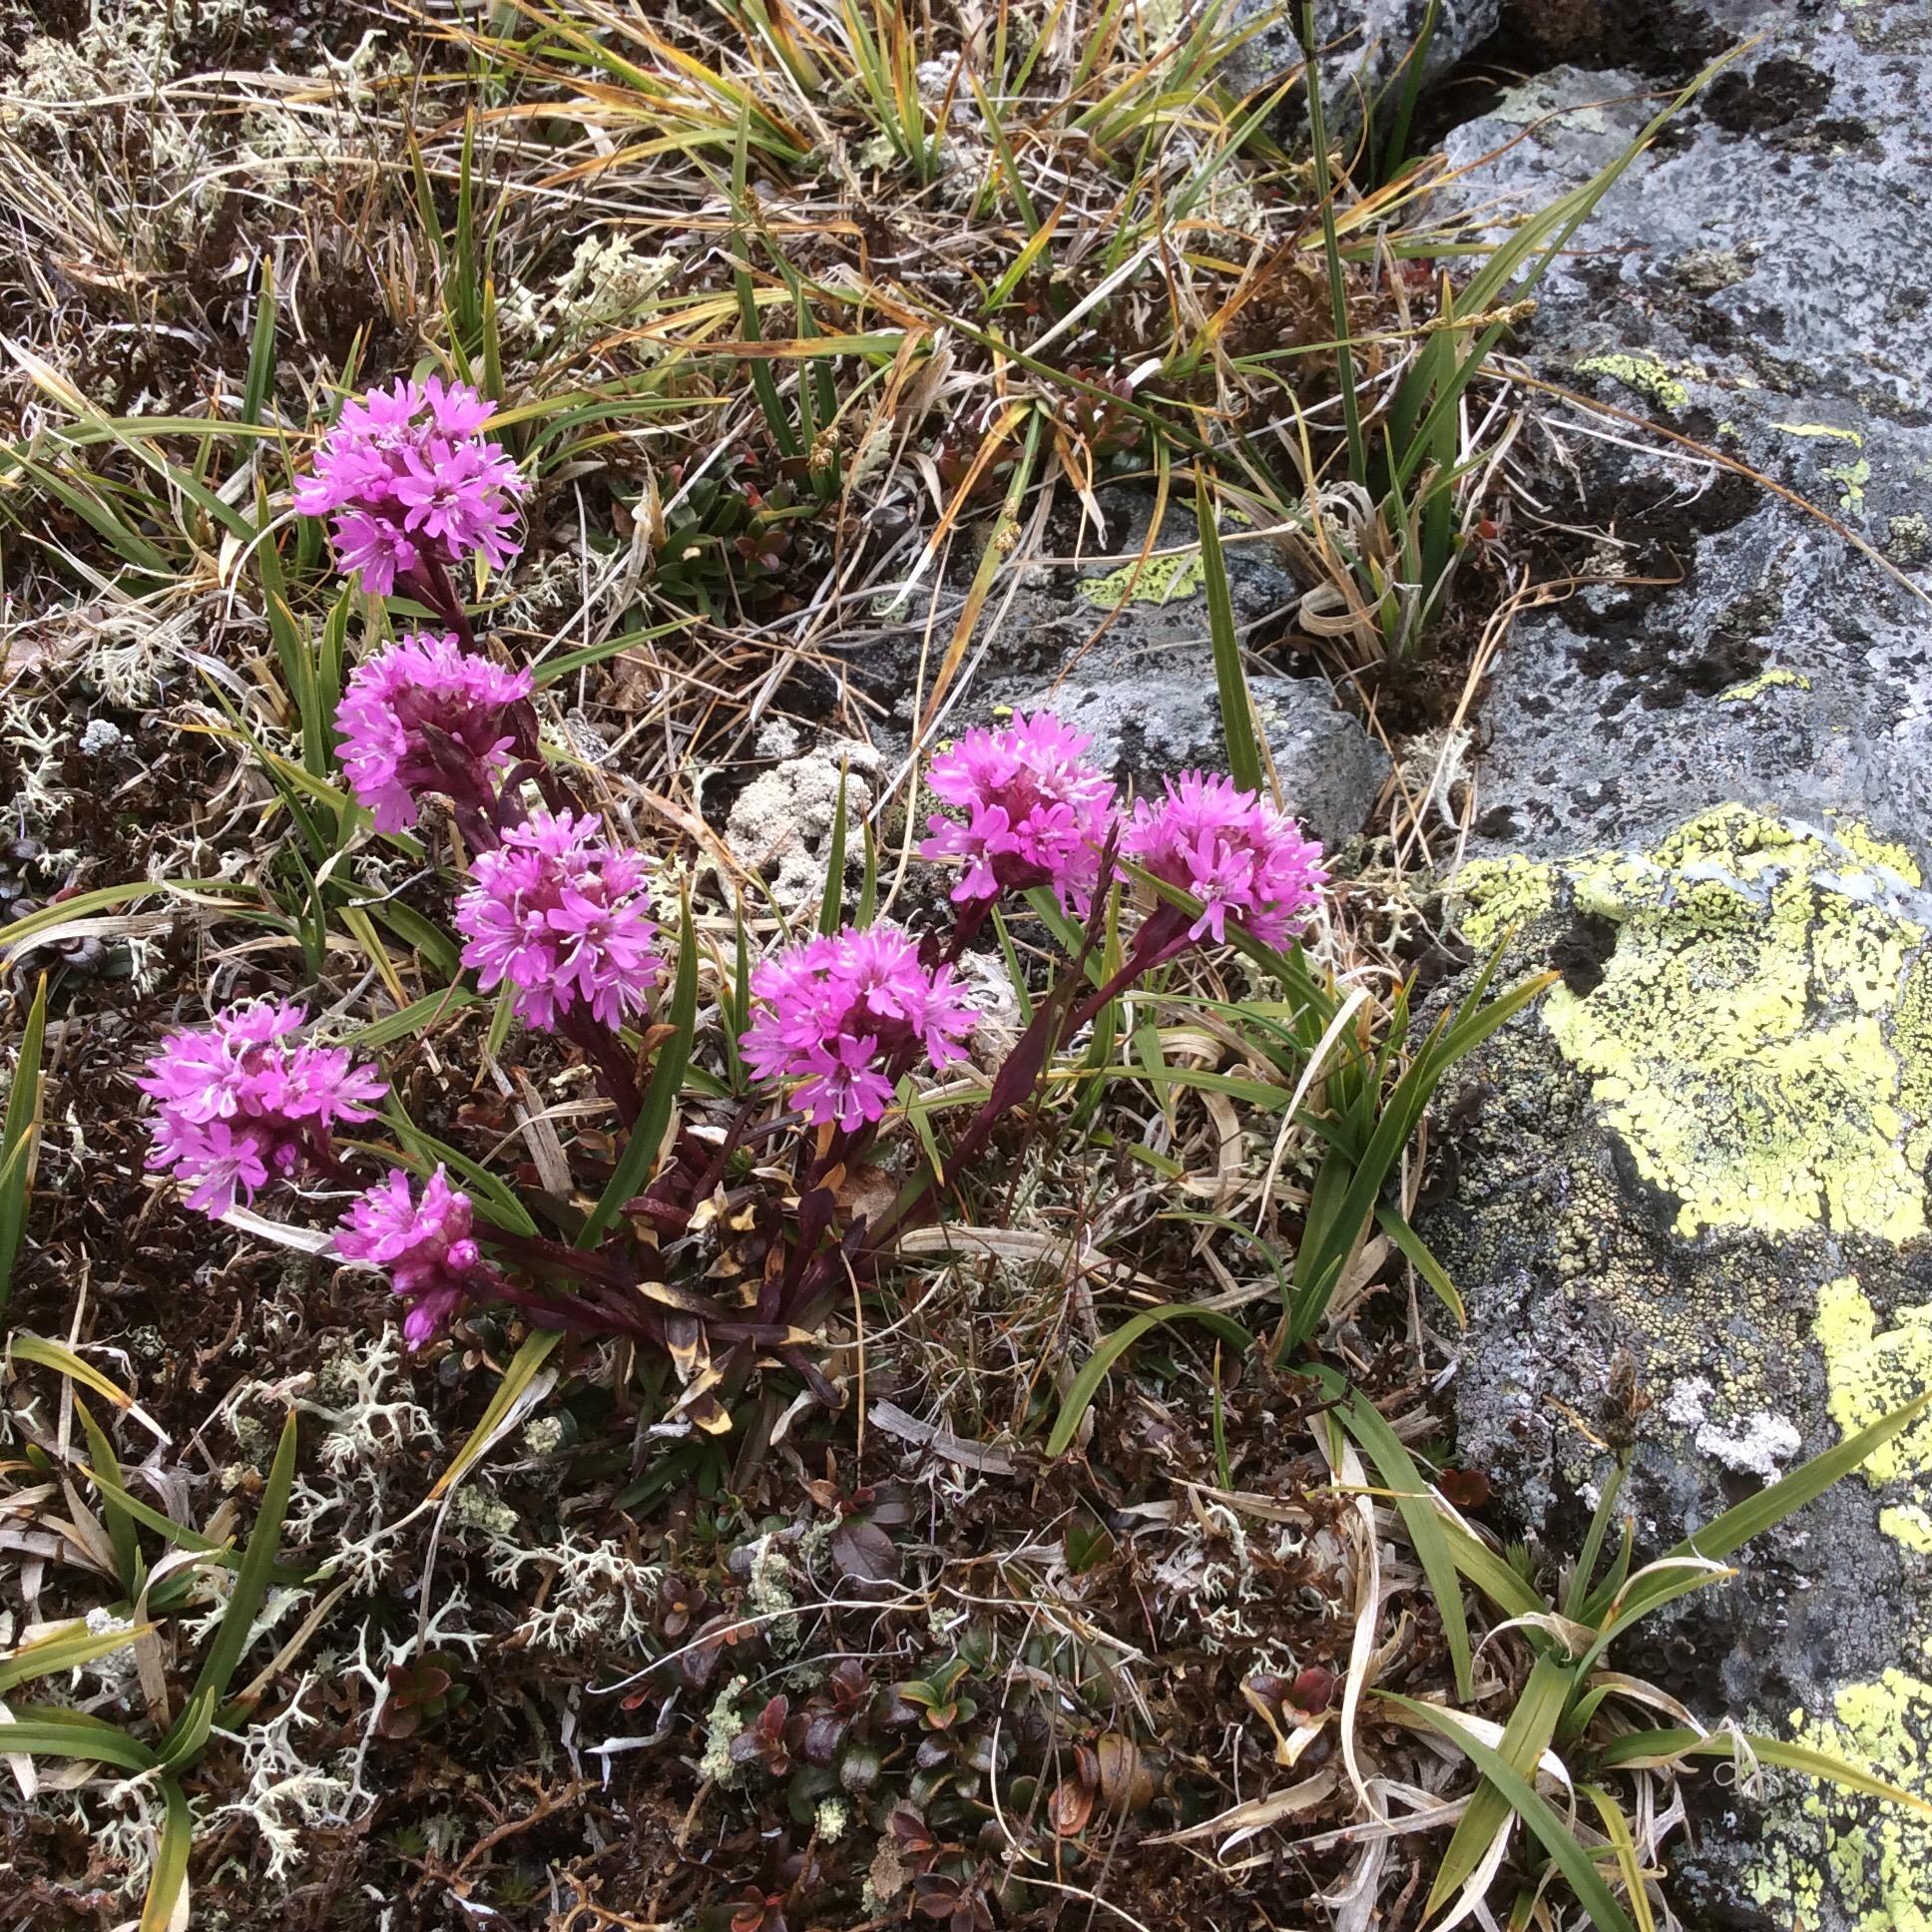 Fjelltjæreblom er en vakker representant for de tofrøbladete plantene. Vegetasjonen i fjellet er fargesterk, artsrik og tilpasset et liv under ekstreme forhold